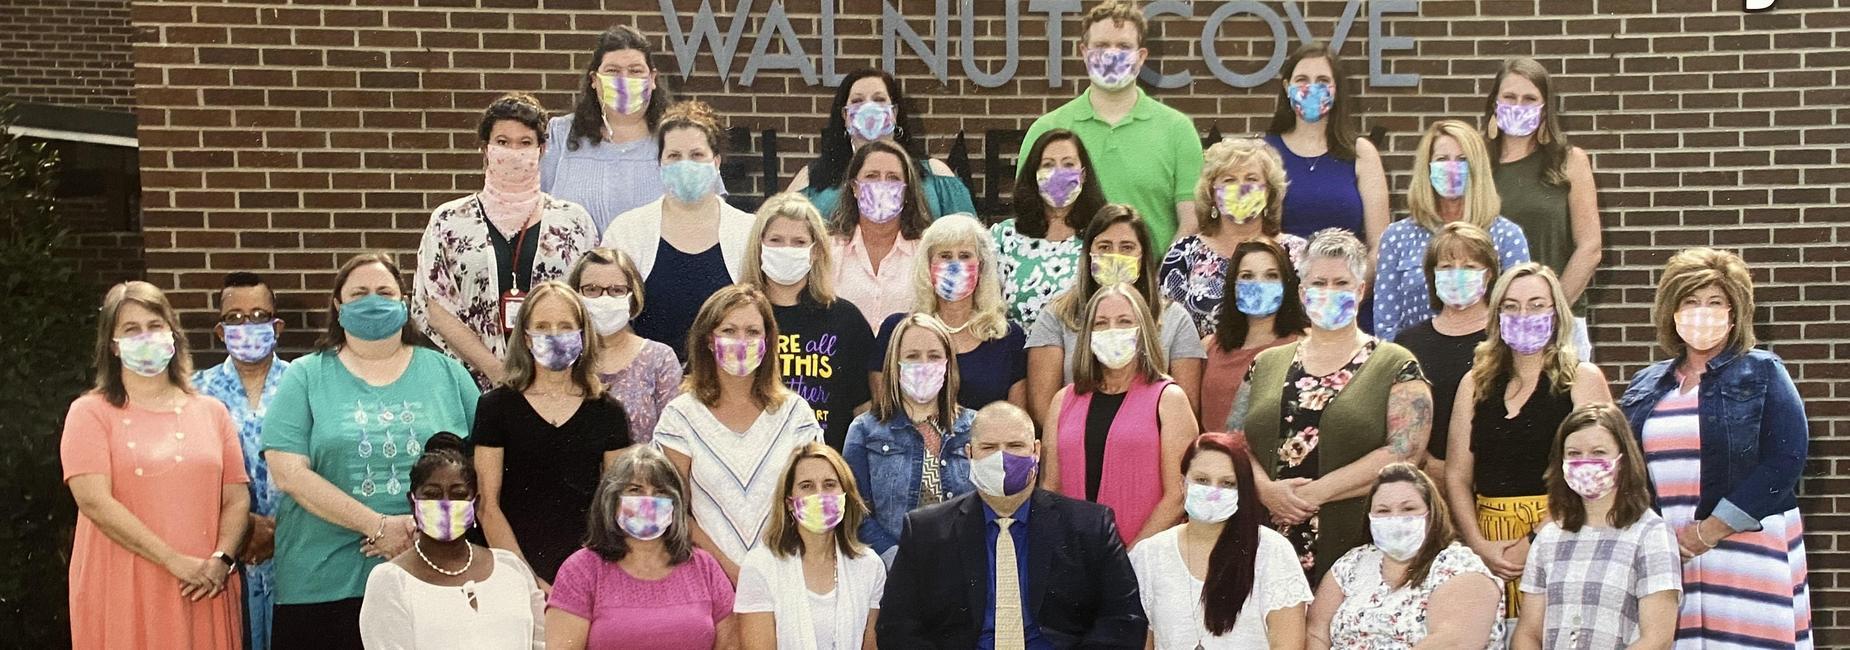 Group Mask Photo